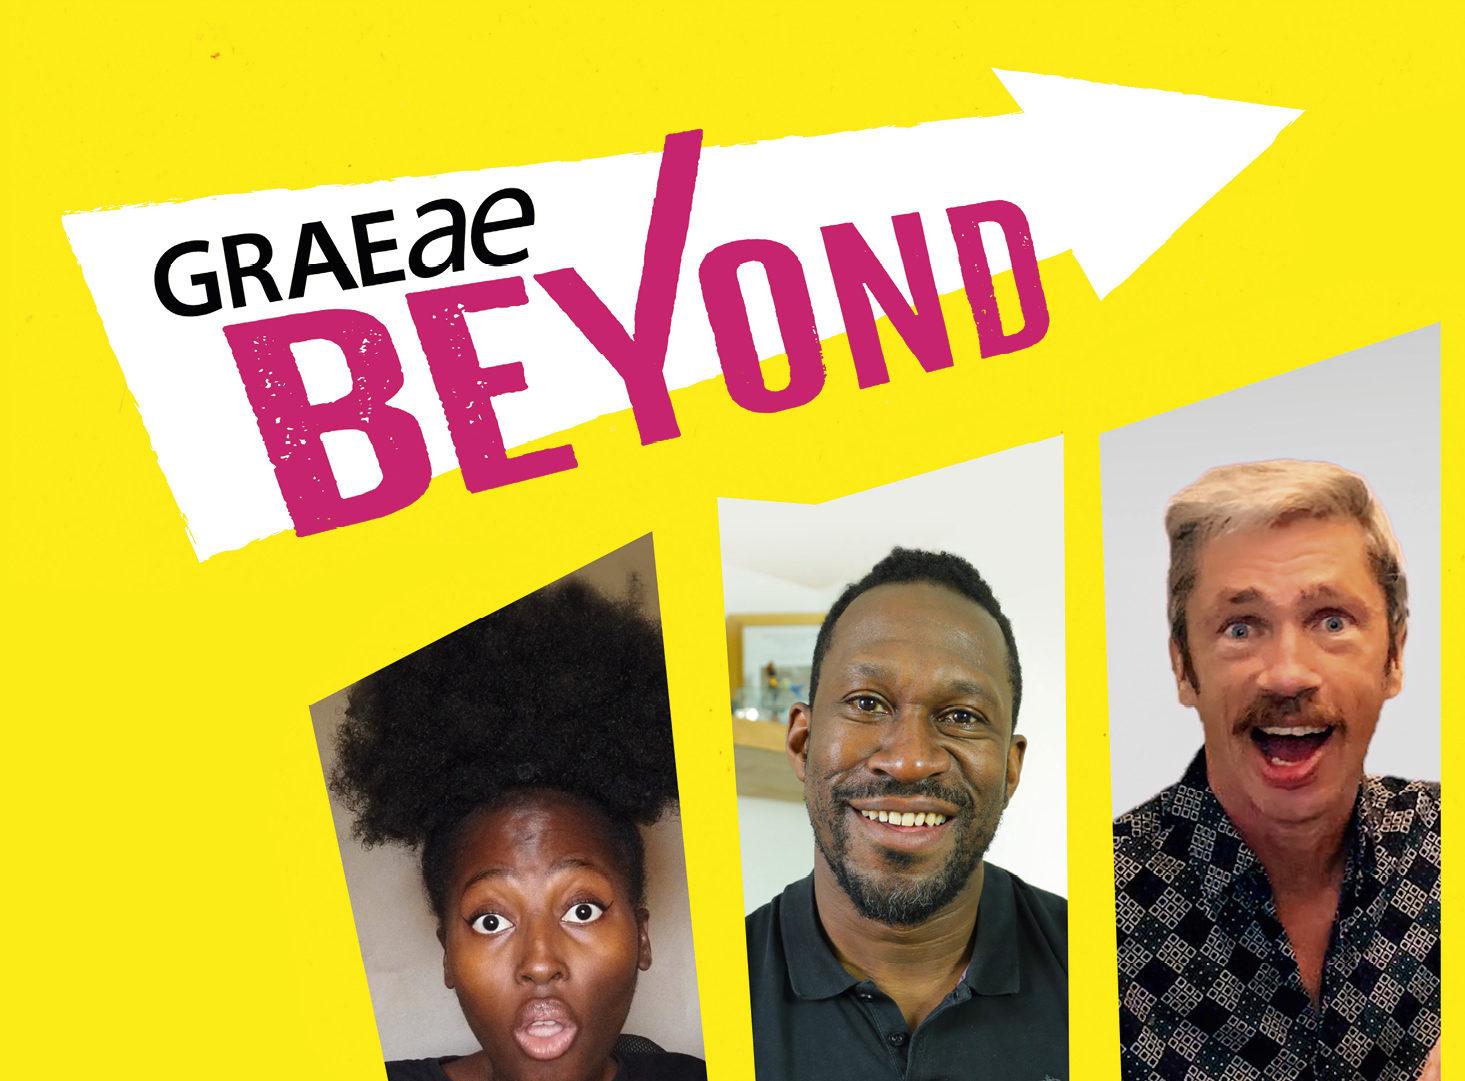 Graeae Beyond